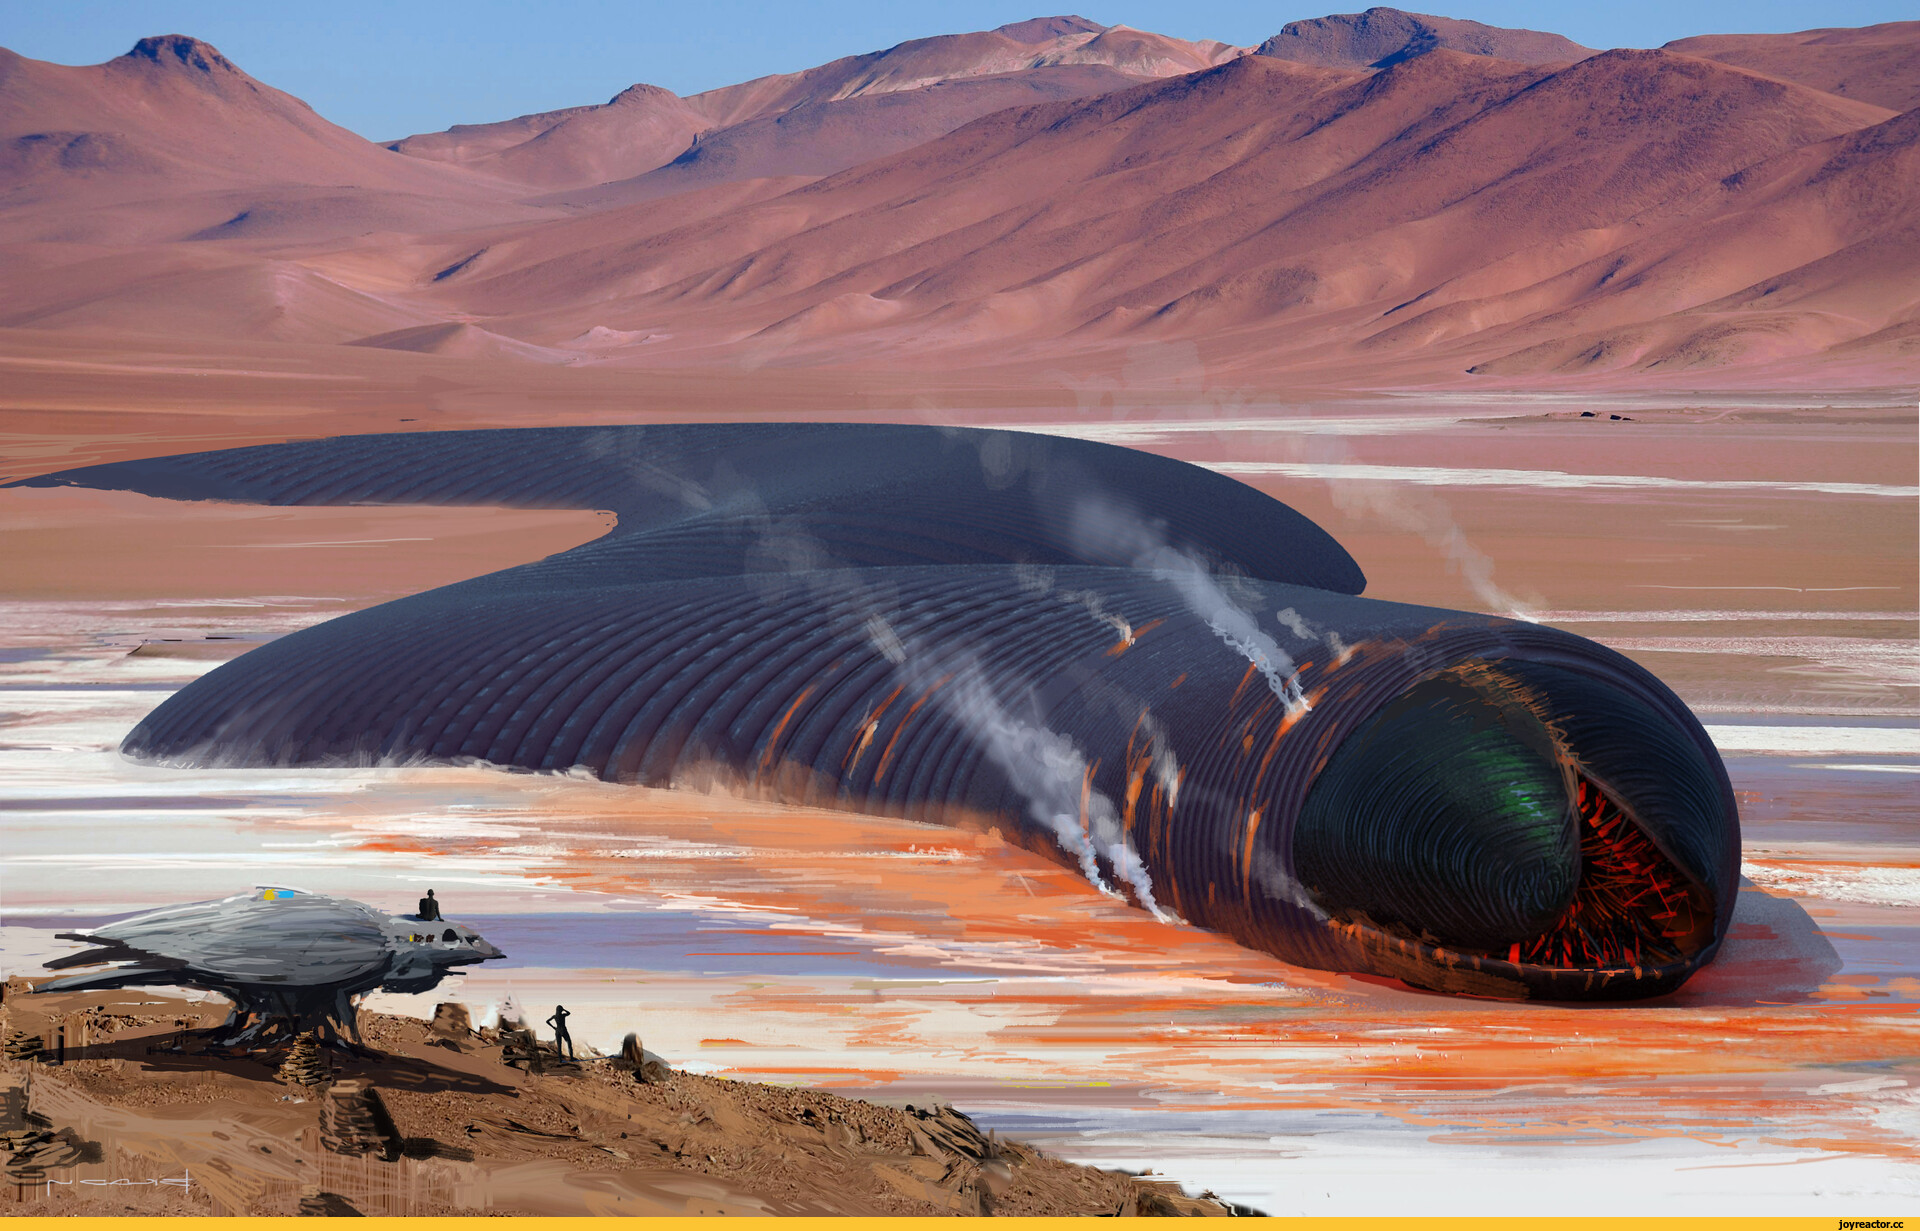 Что такое дюна: месторасположение и скрытая опасность